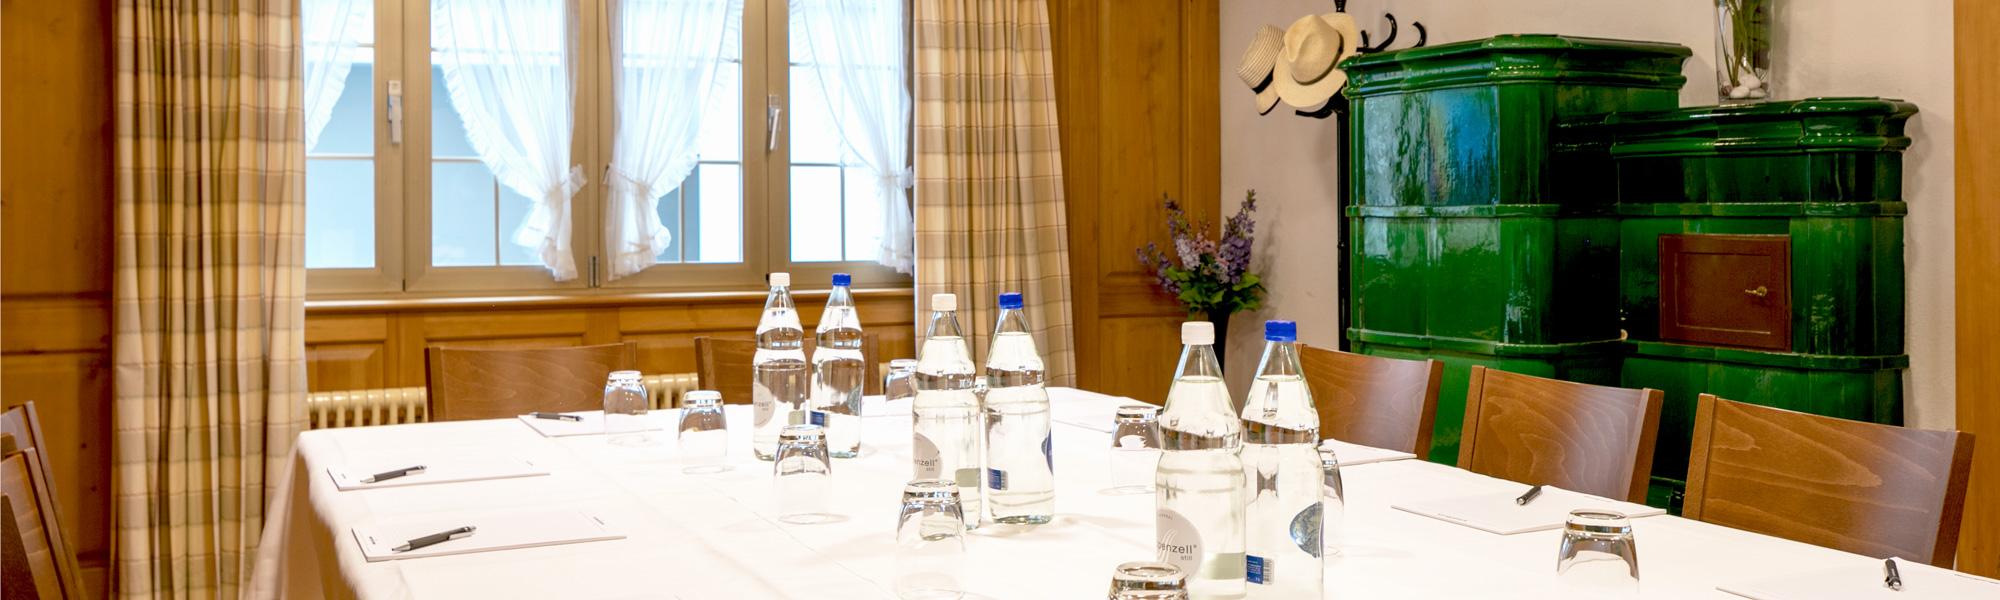 Header-Seminare-Jetzt-anfragen-048_Hotel_Hecht